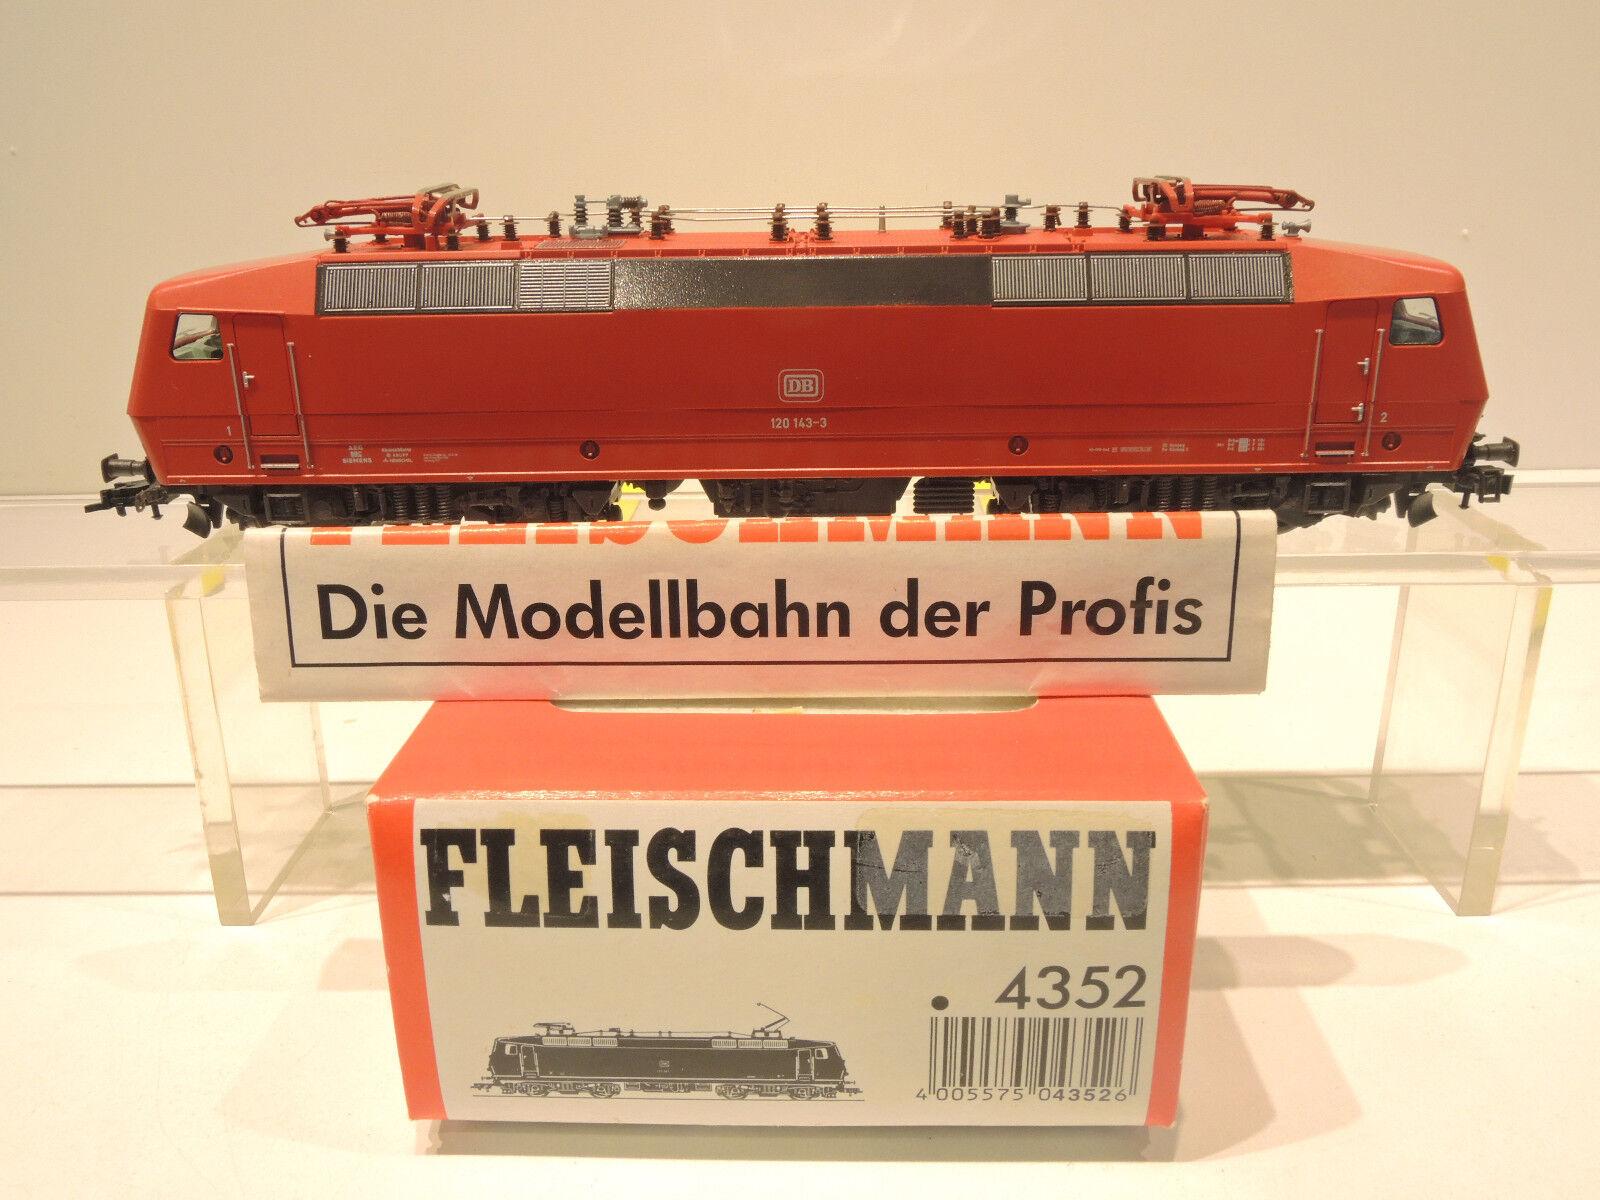 Fleischmann 4352 E-Lok BR 120 143-3 delle DB, rosso, molto ben conservato istruzioni OVP